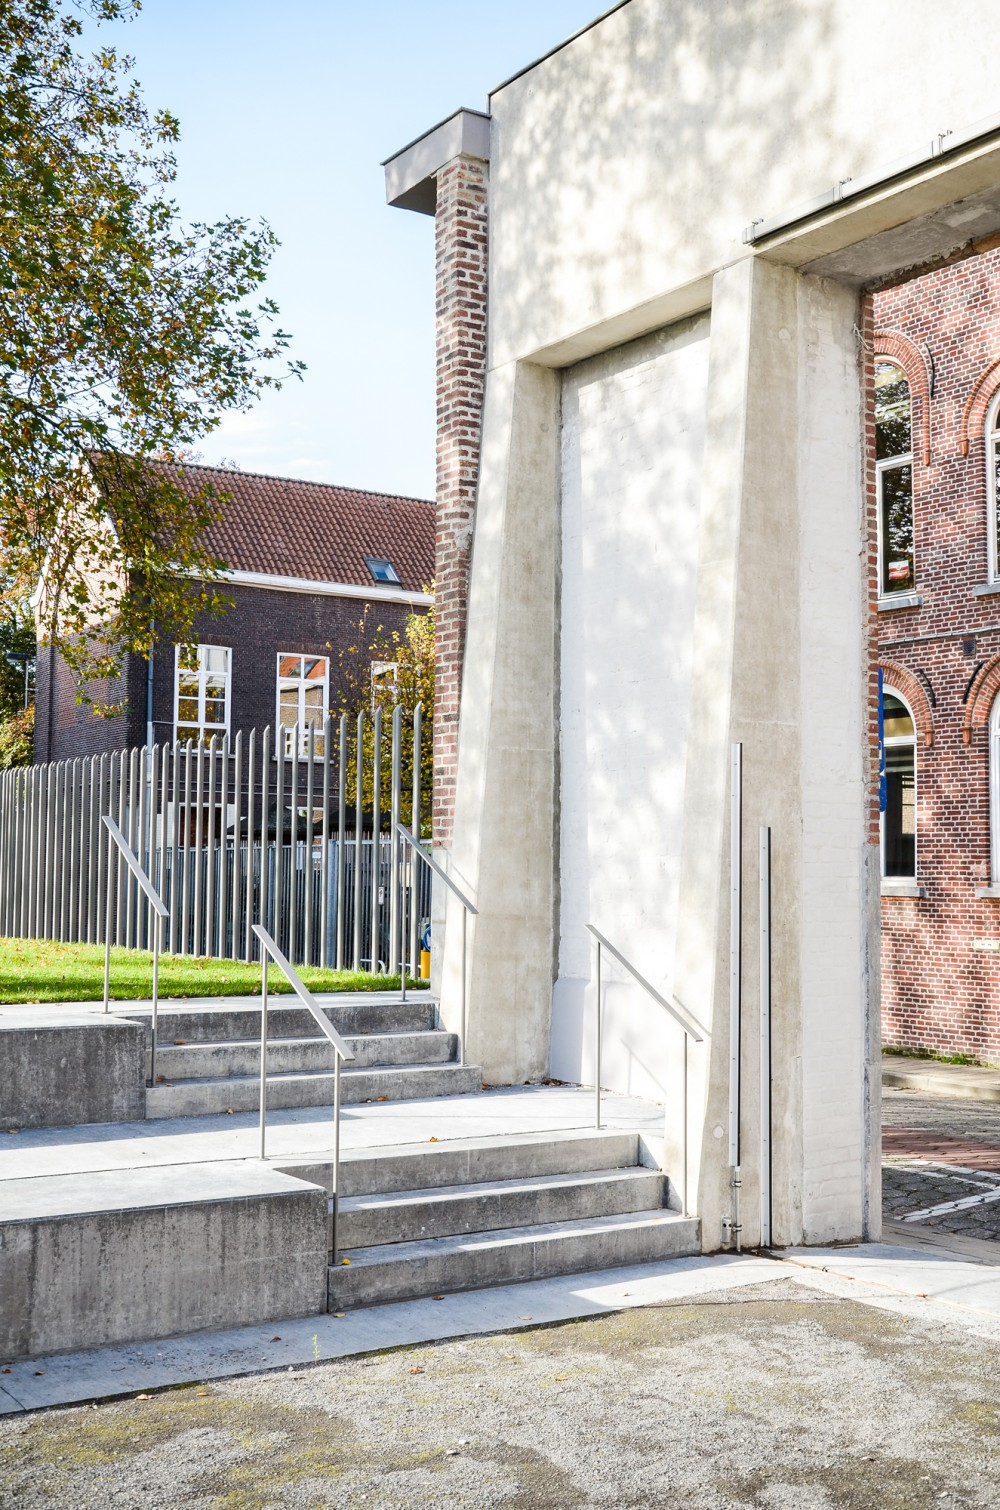 Abscis Architecten - Toegangsportaal uit zittreden en een petanqueveld – fotografie Abscis Architecten